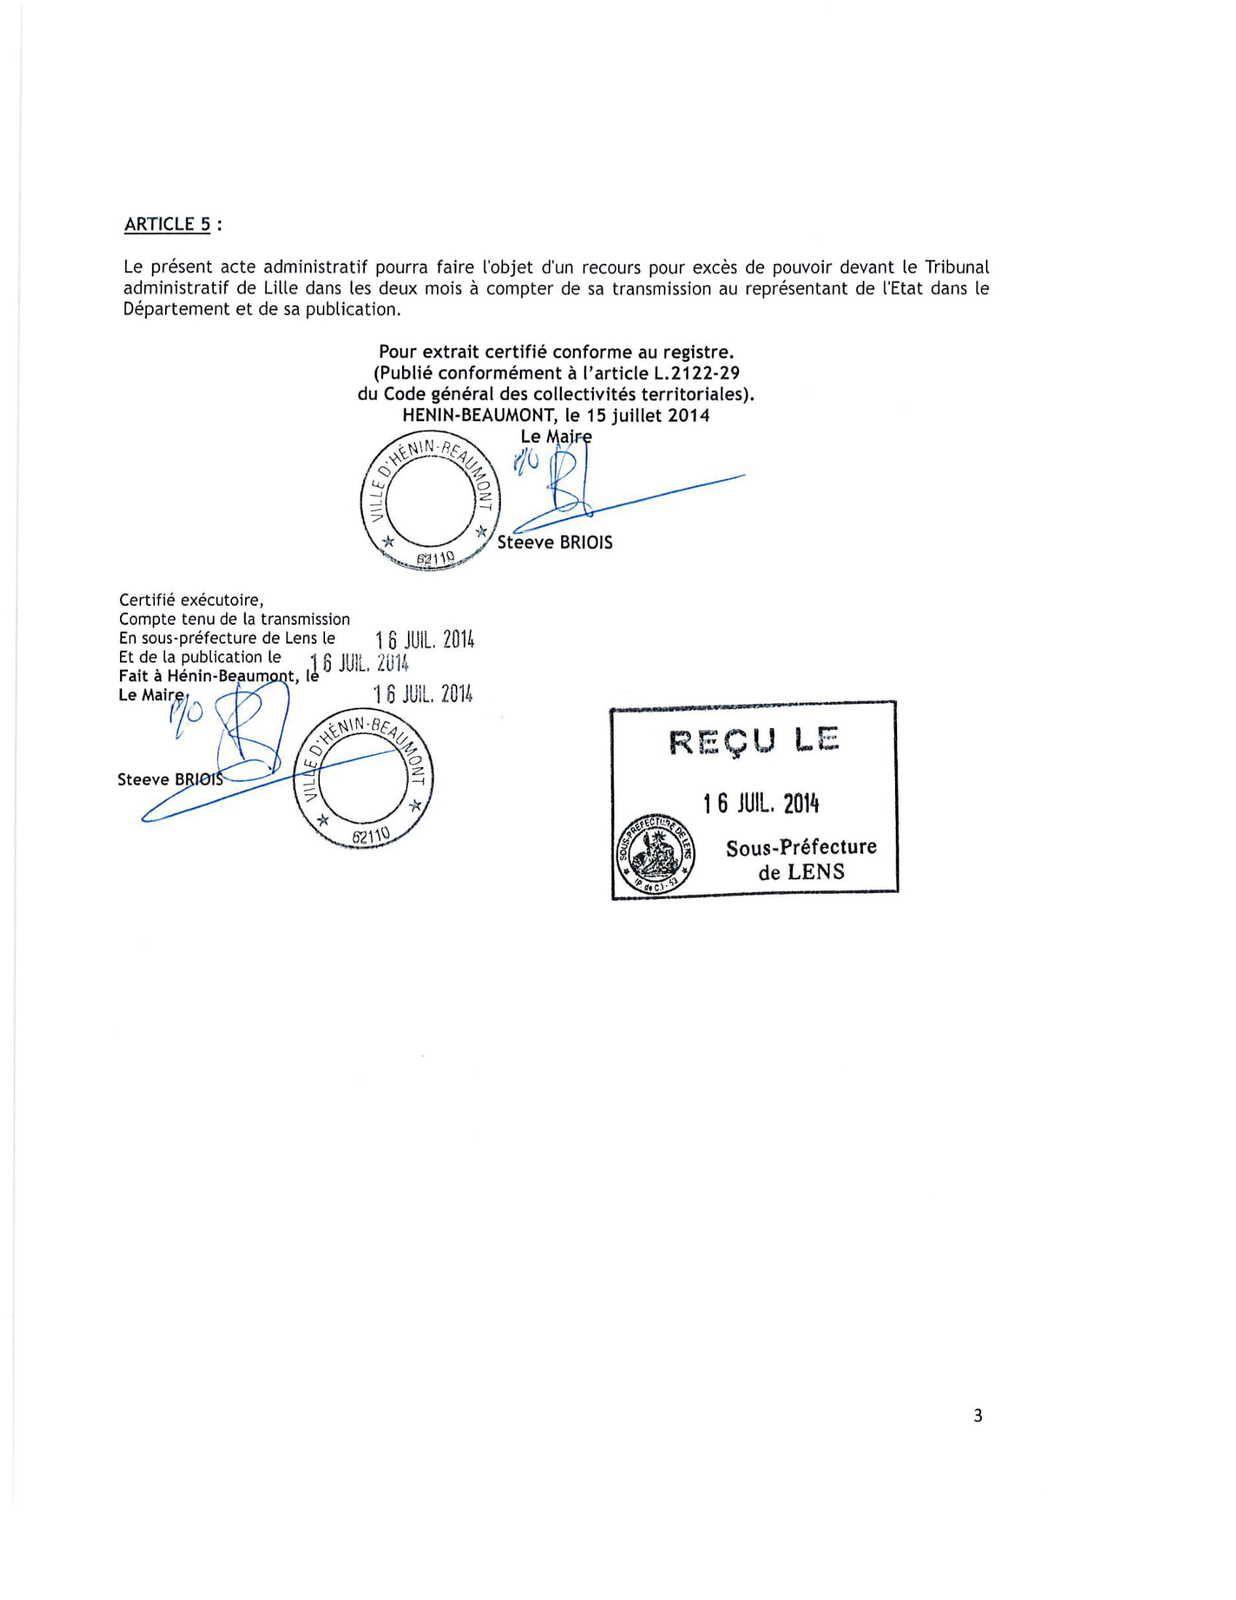 Recours de la LDH contre l'arrêté anti-roms : la ville d'Hénin-Beaumont a désigné un avocat parisien pour la défendre